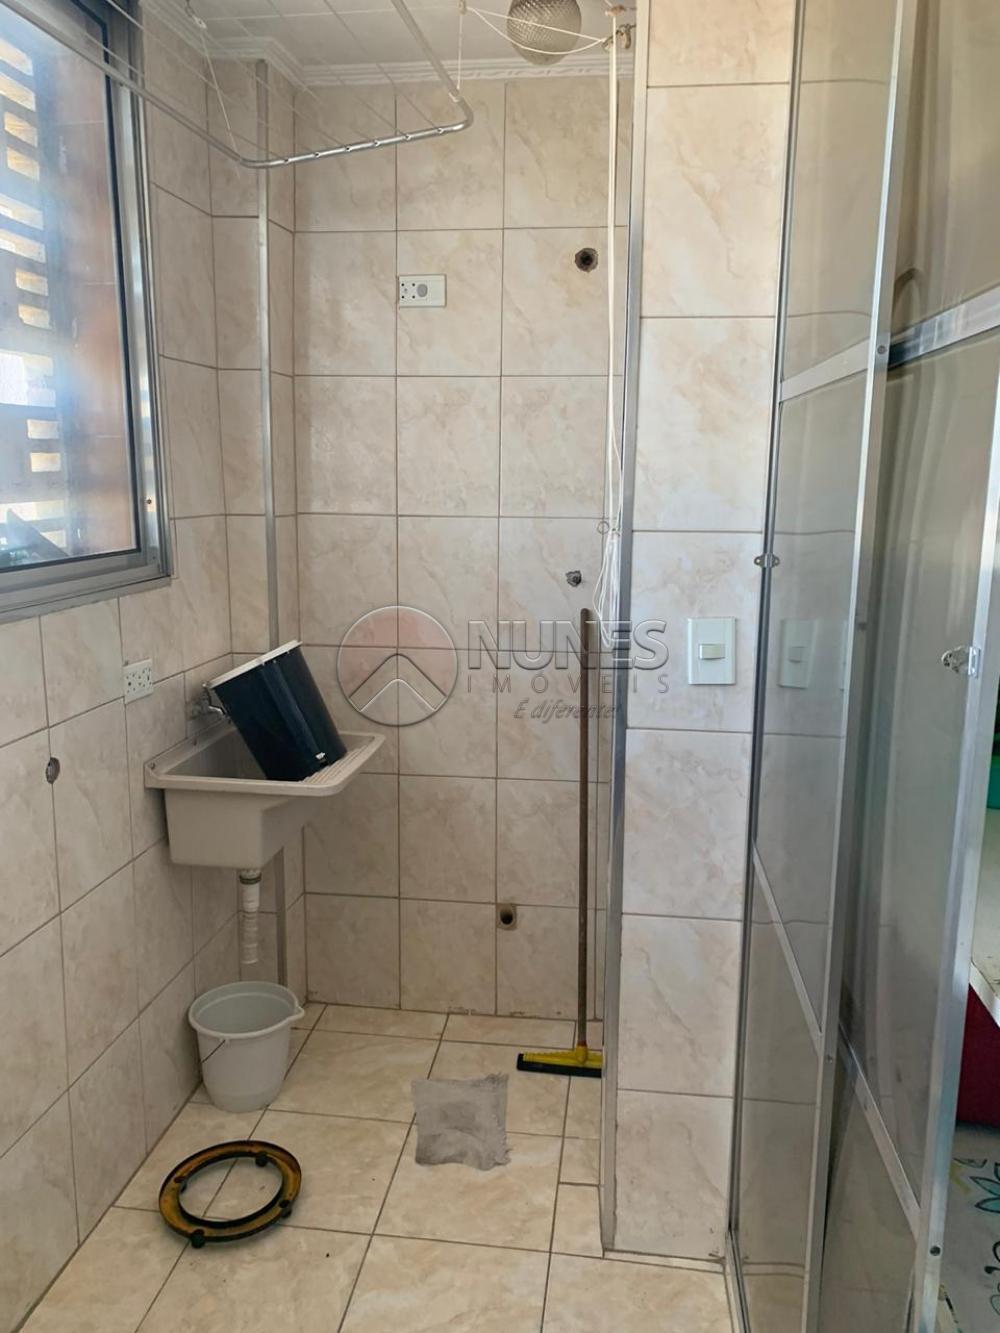 Comprar Apartamento / Padrão em Osasco R$ 265.000,00 - Foto 12